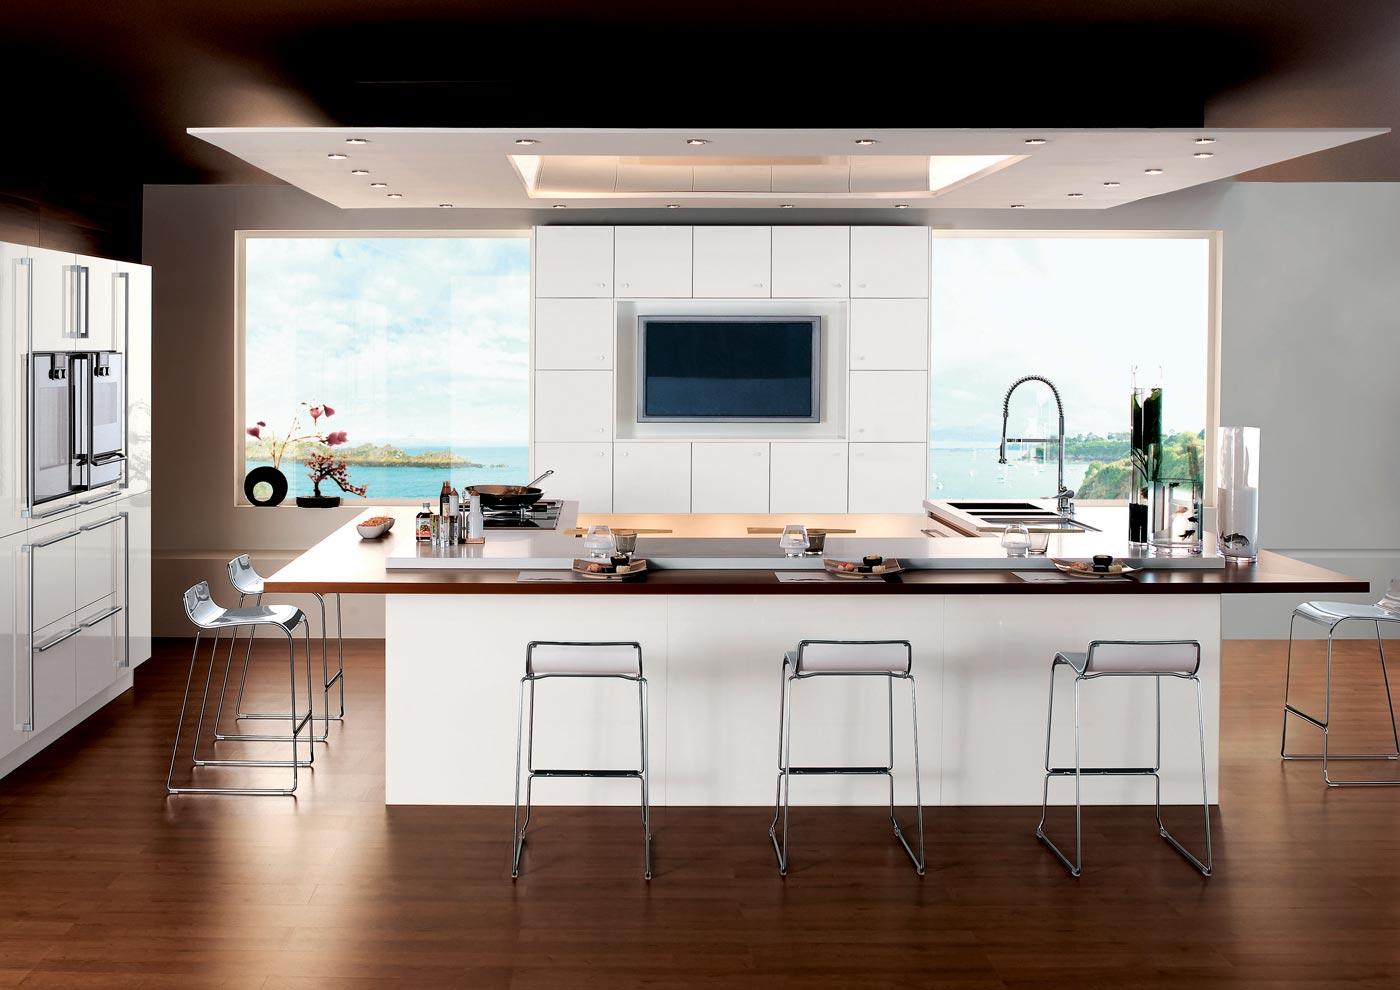 faure agencement / perene lyon : cuisines, salle de bains